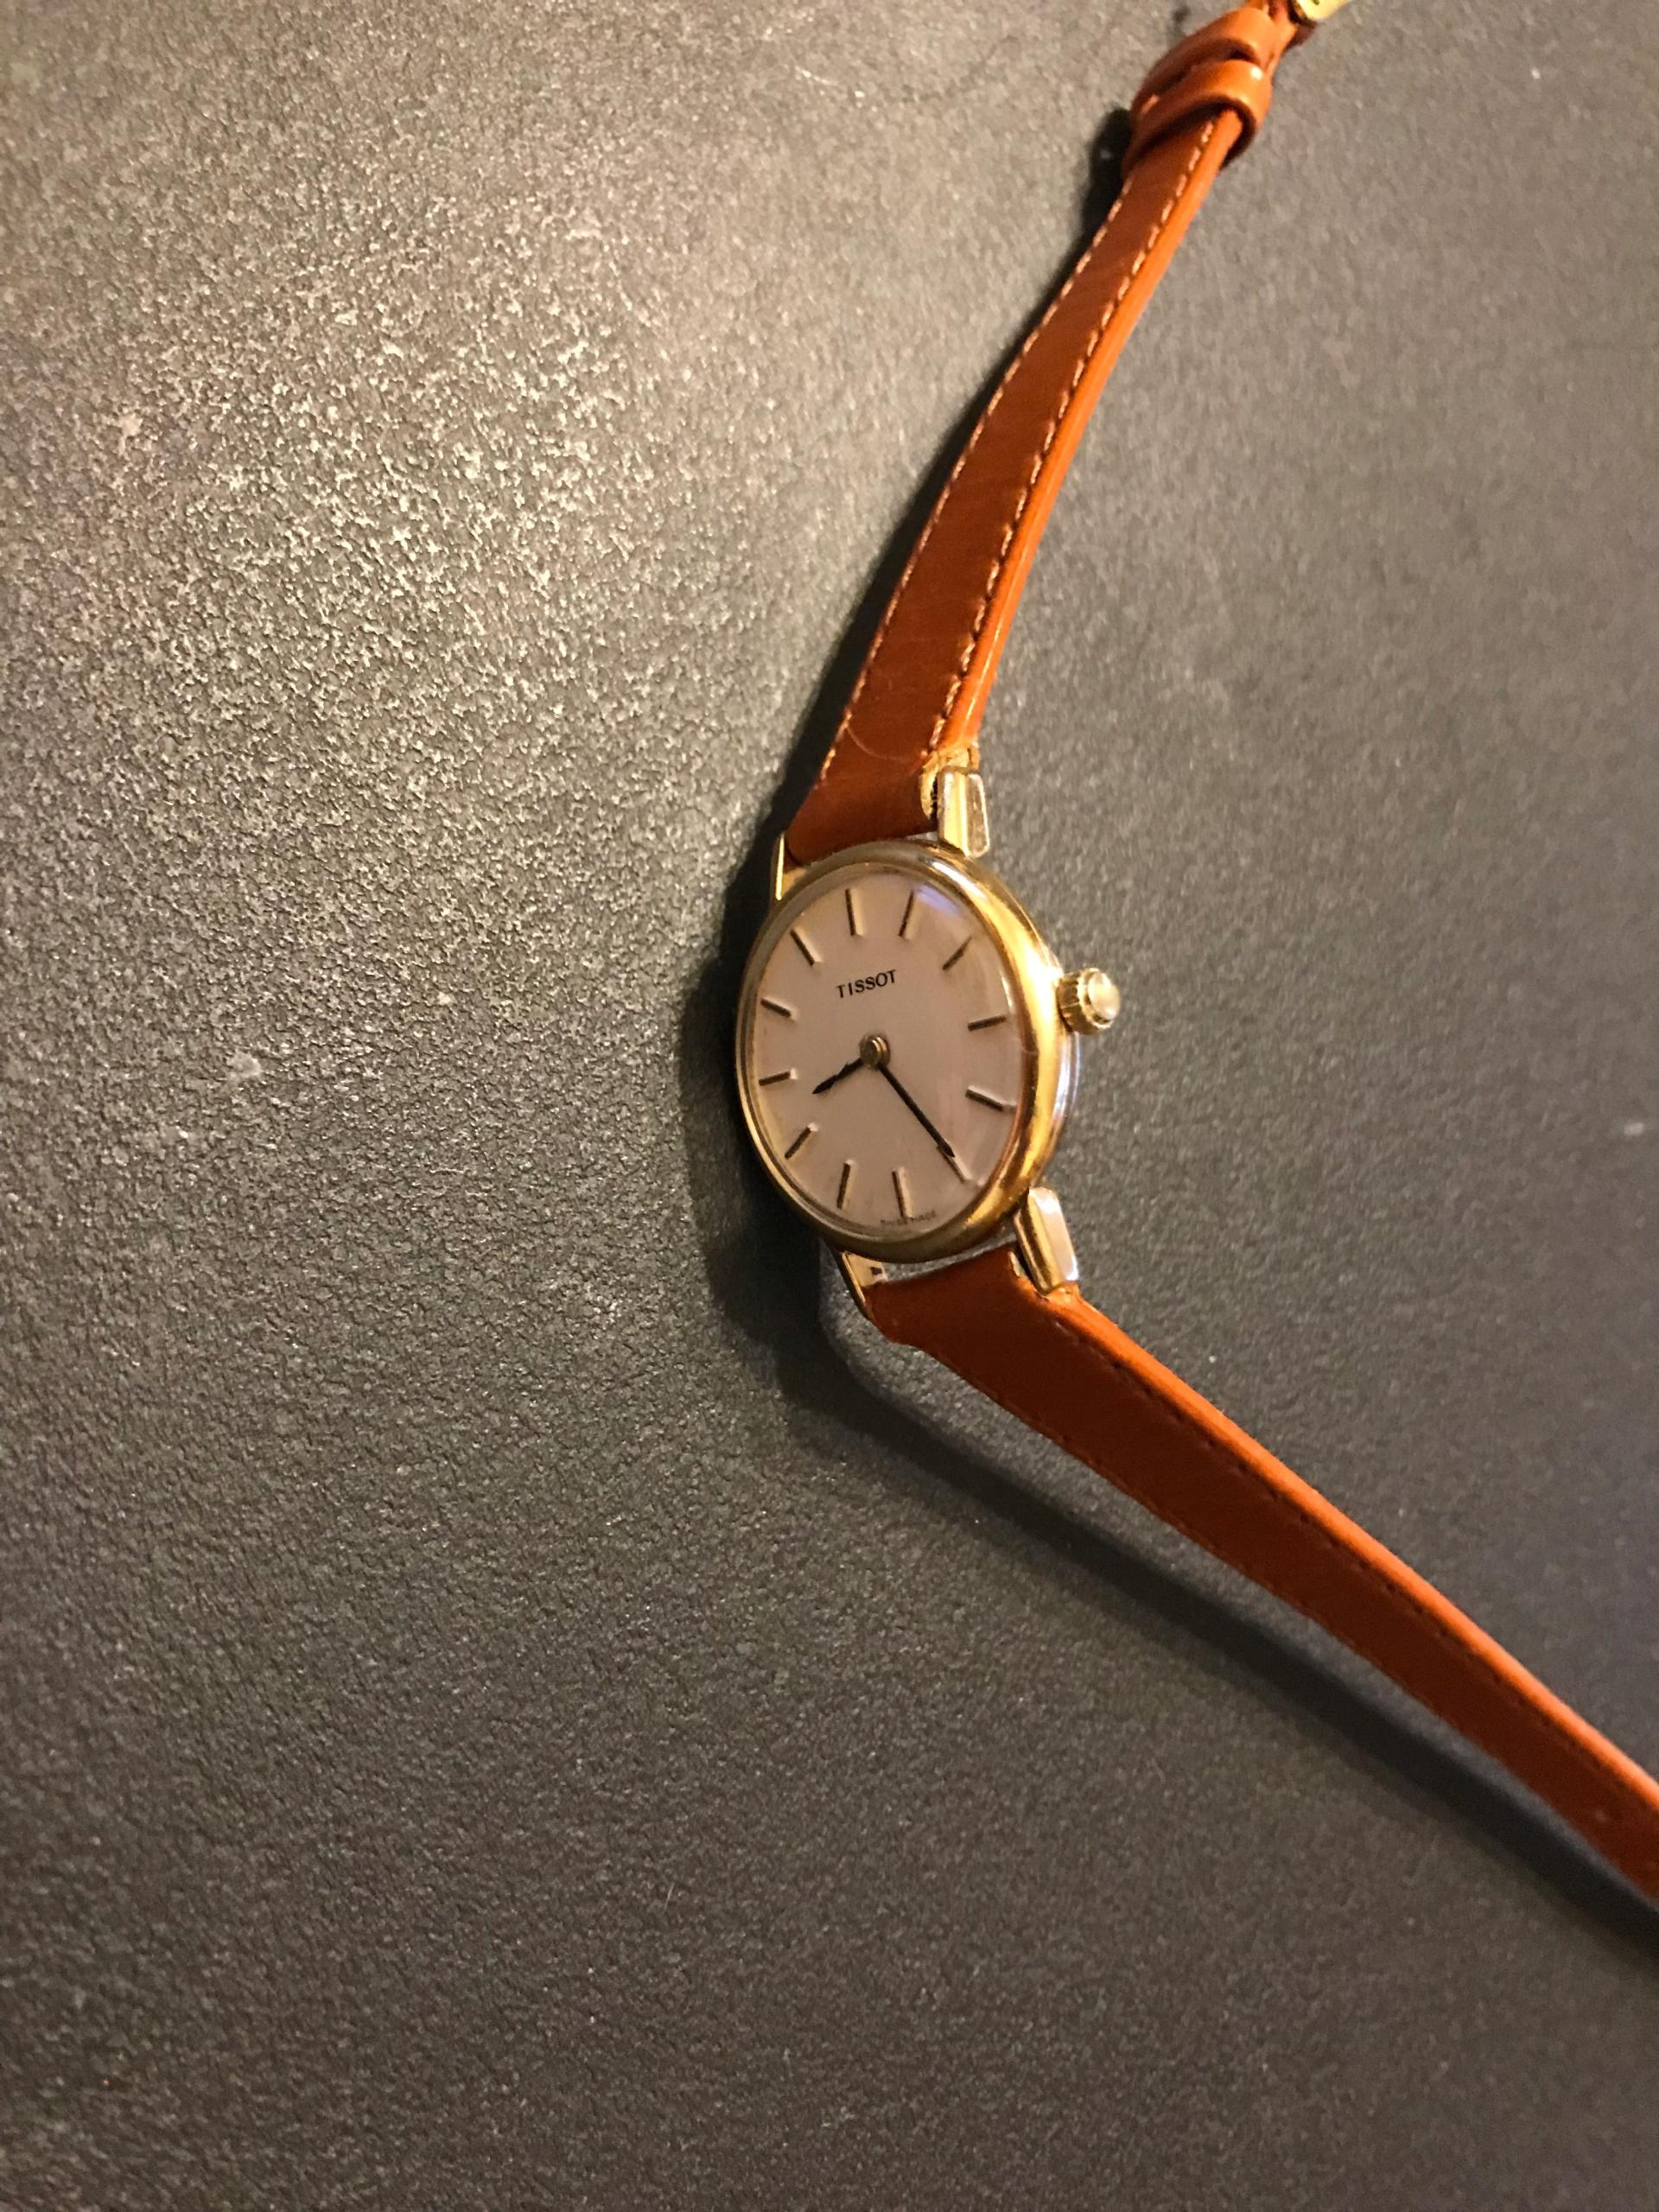 Przepiękny zegarek TISSOT mechaniczy złocony